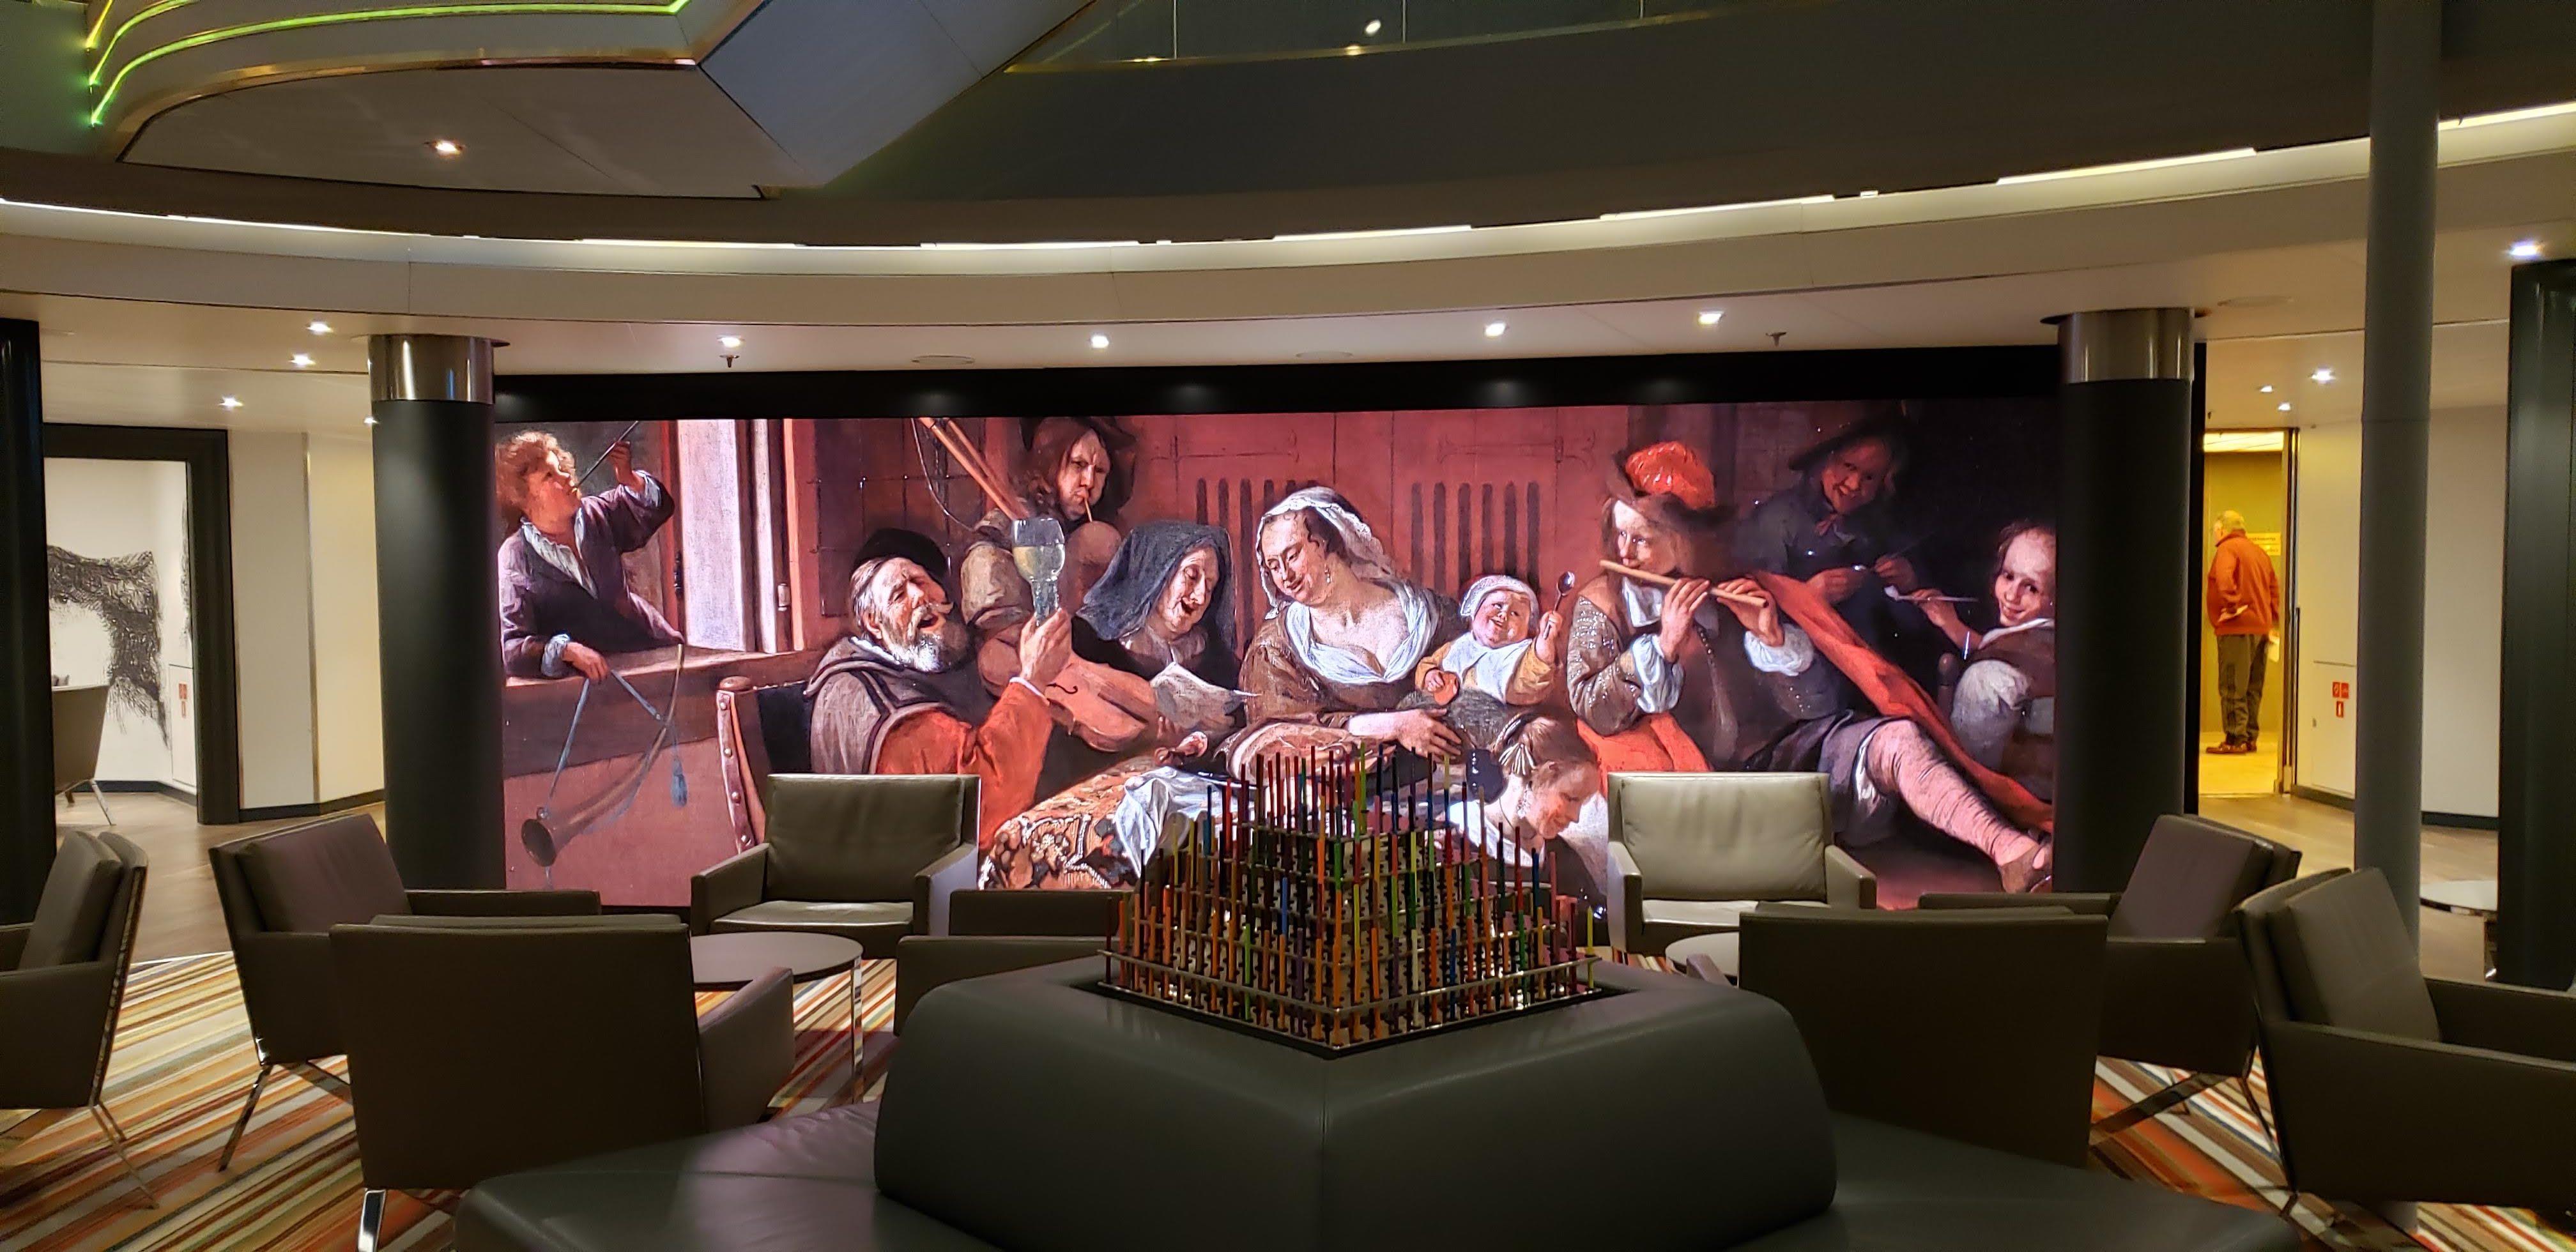 ホーランドアメリカ―MSウェステルダム乗船記 船内紹介編(3)プレミアム船の風格を楽しむ